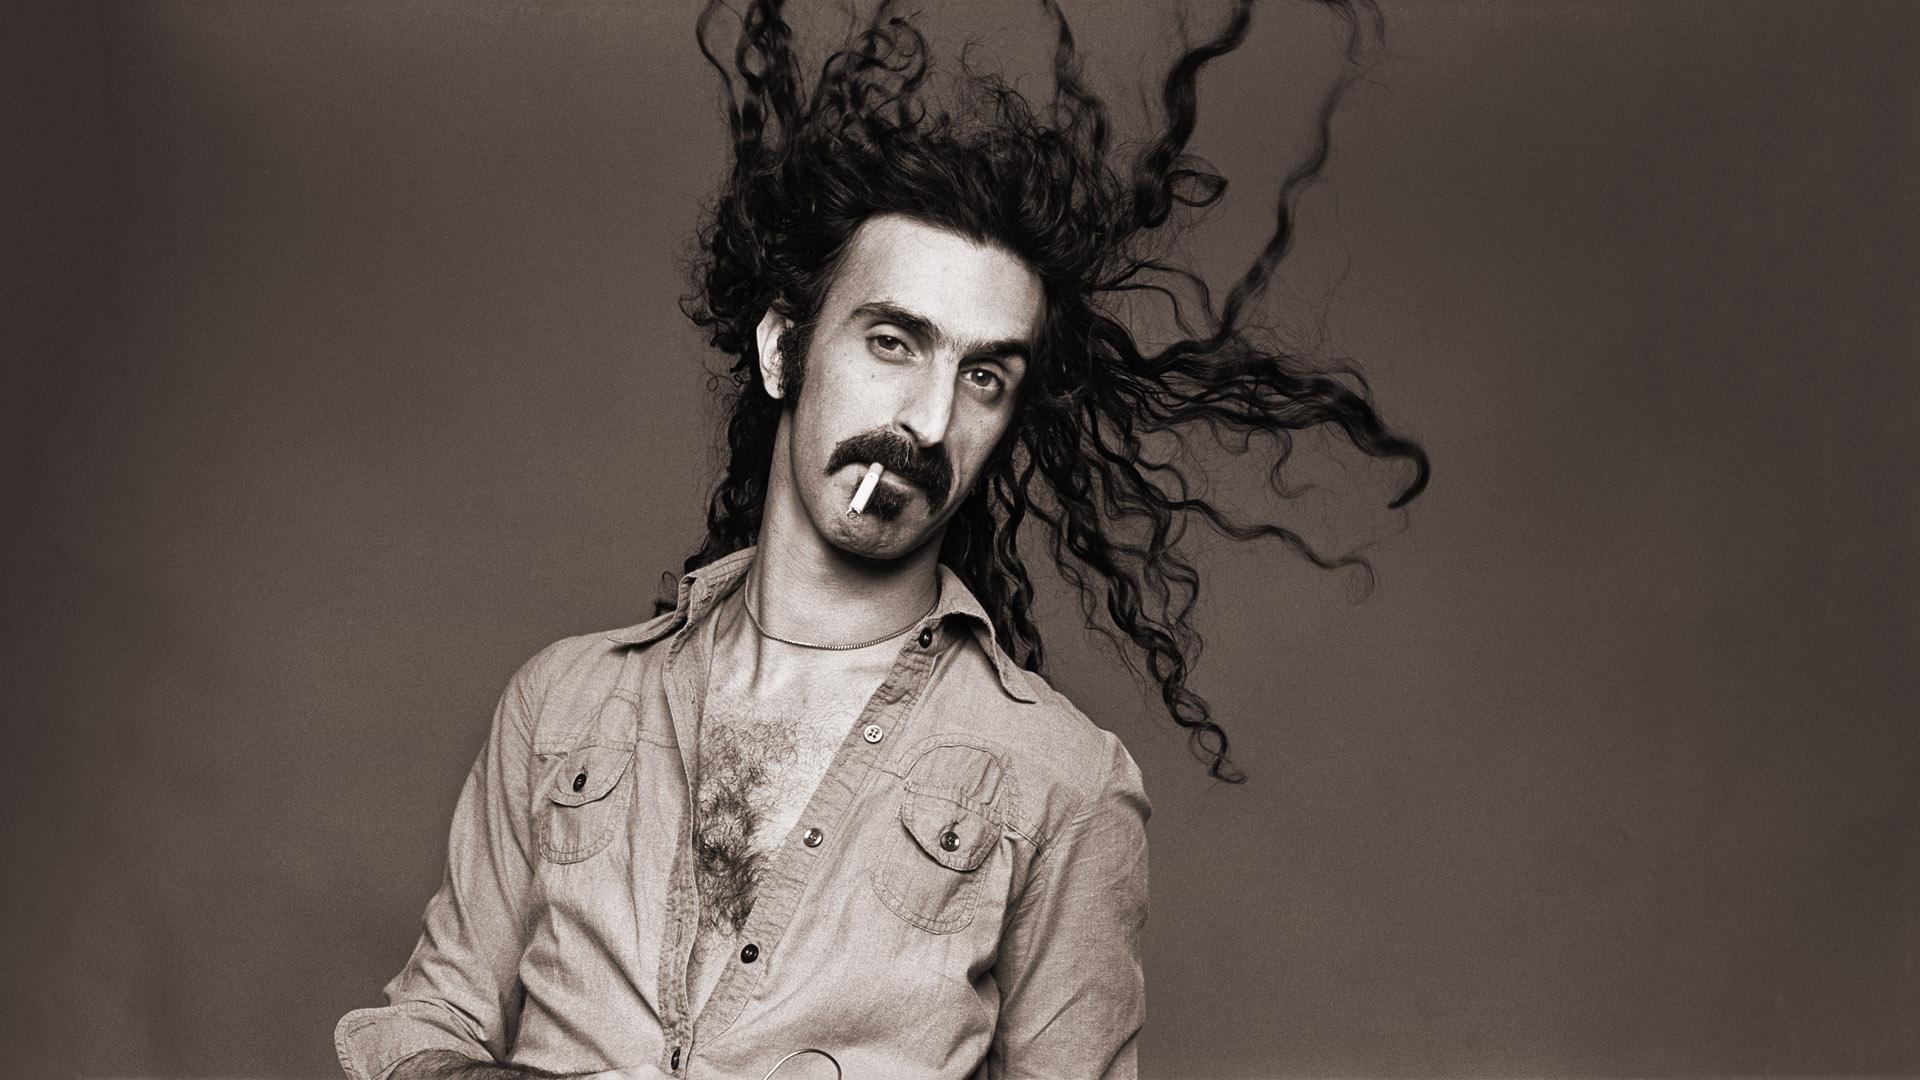 Bobby Brown av Frank Zappa